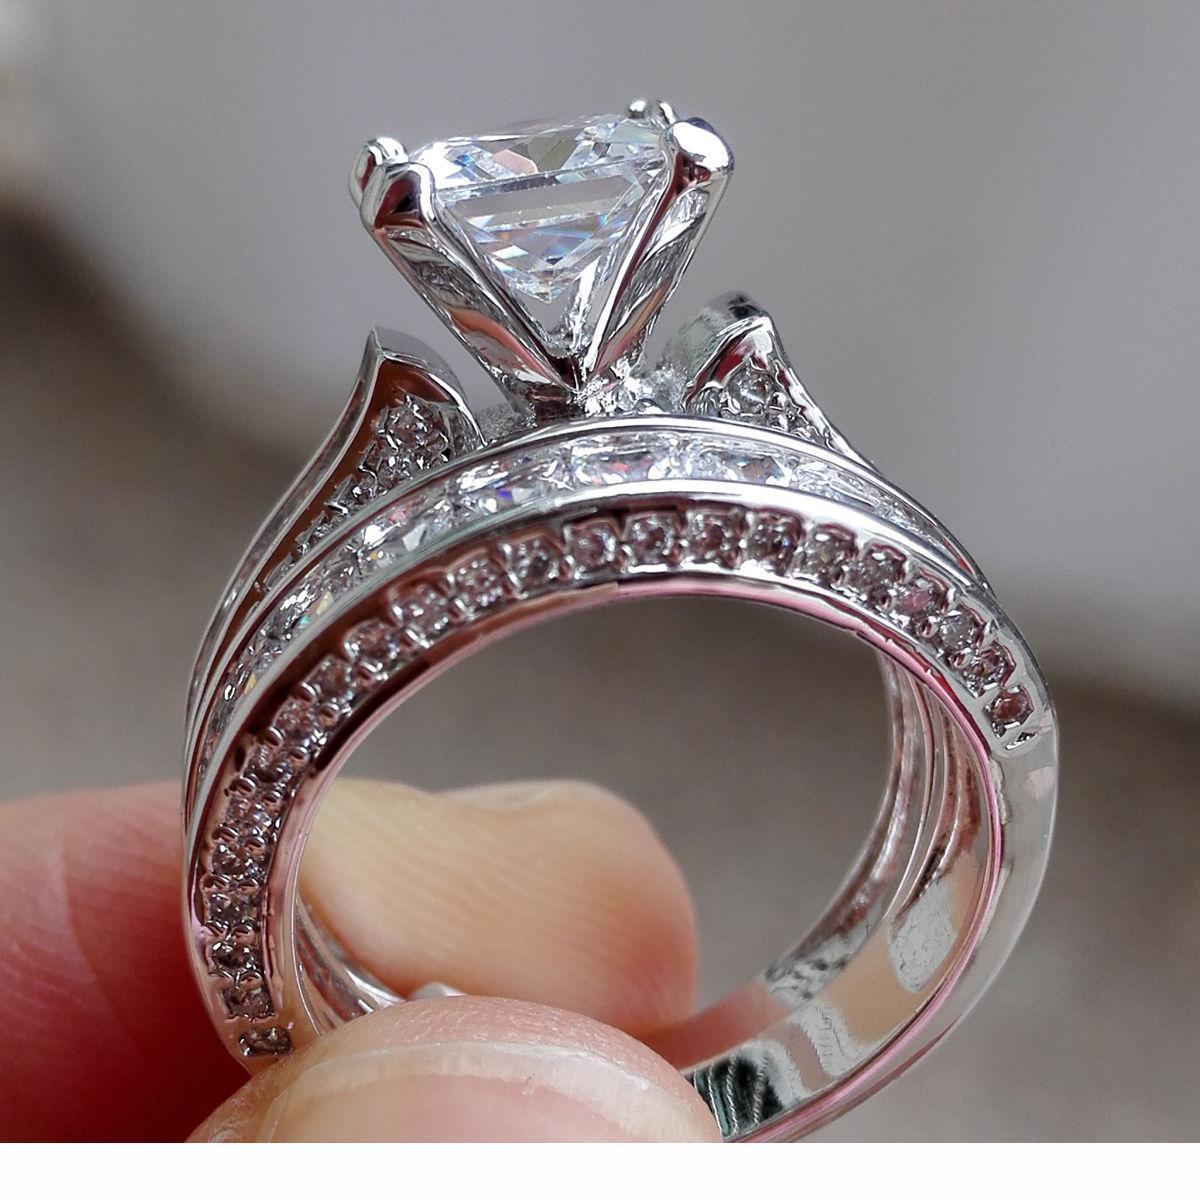 فيكتوريا Wieck مجوهرات الفاخرة الأميرة قطع 7.5MM الأبيض الياقوت 925 مقلد الماس الزفاف حفلة خطوبة النساء خواتم حجم 5-11